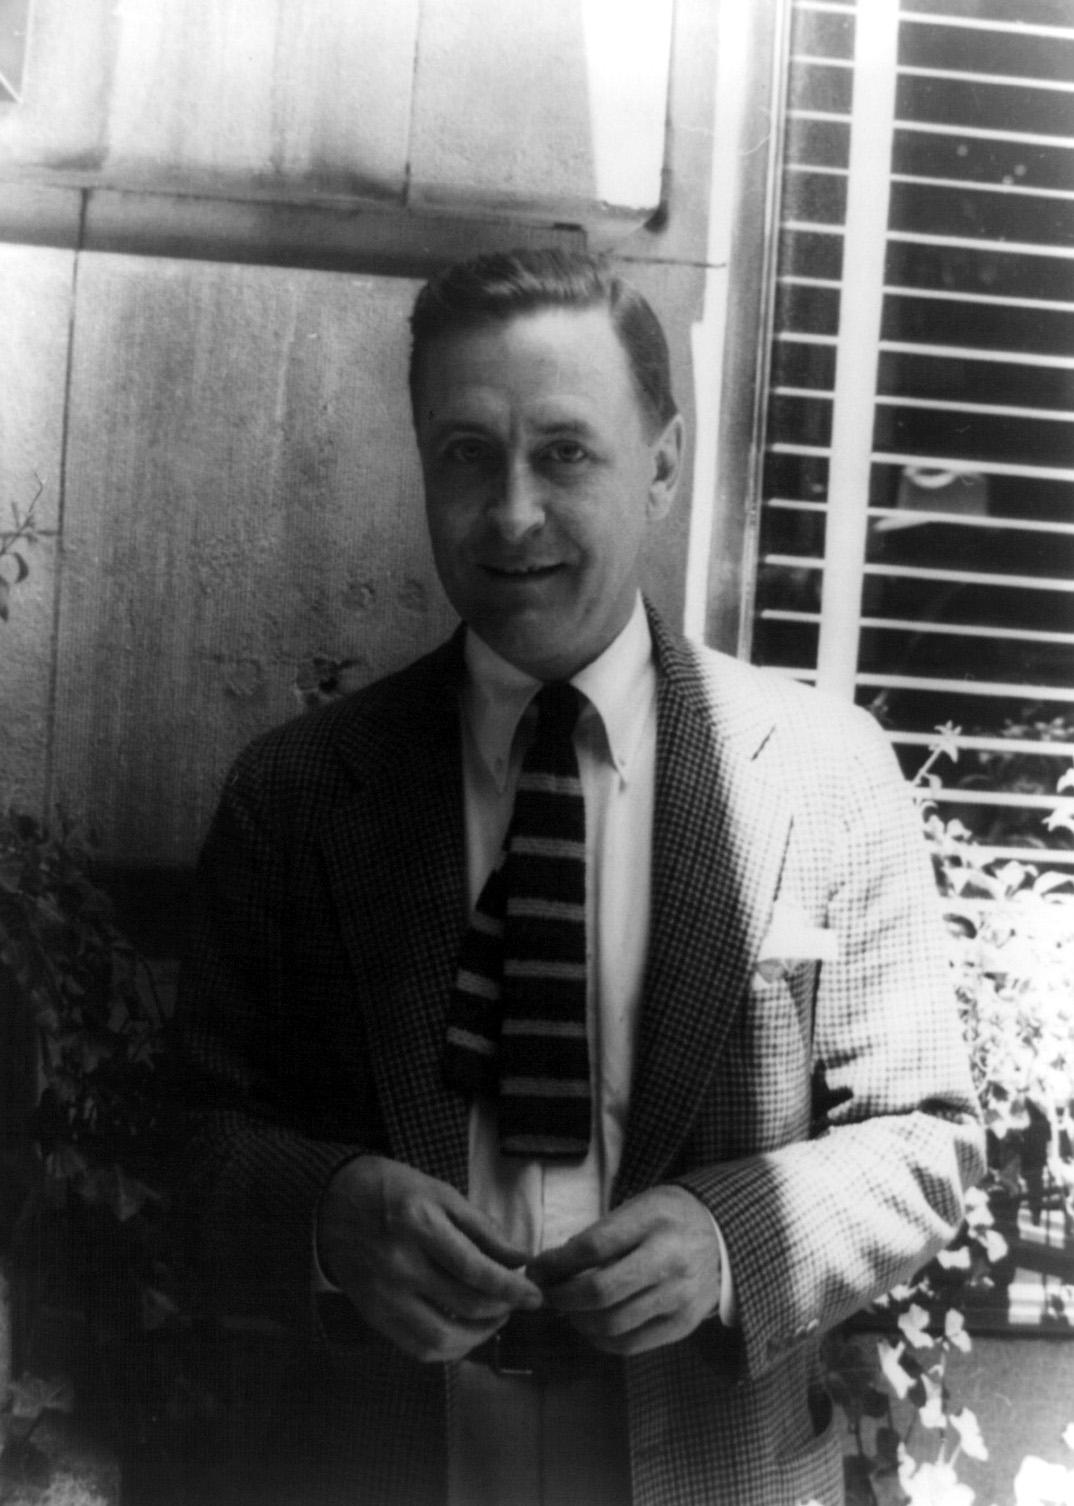 F. Scott Fitzgerald by Carl Van Vechten